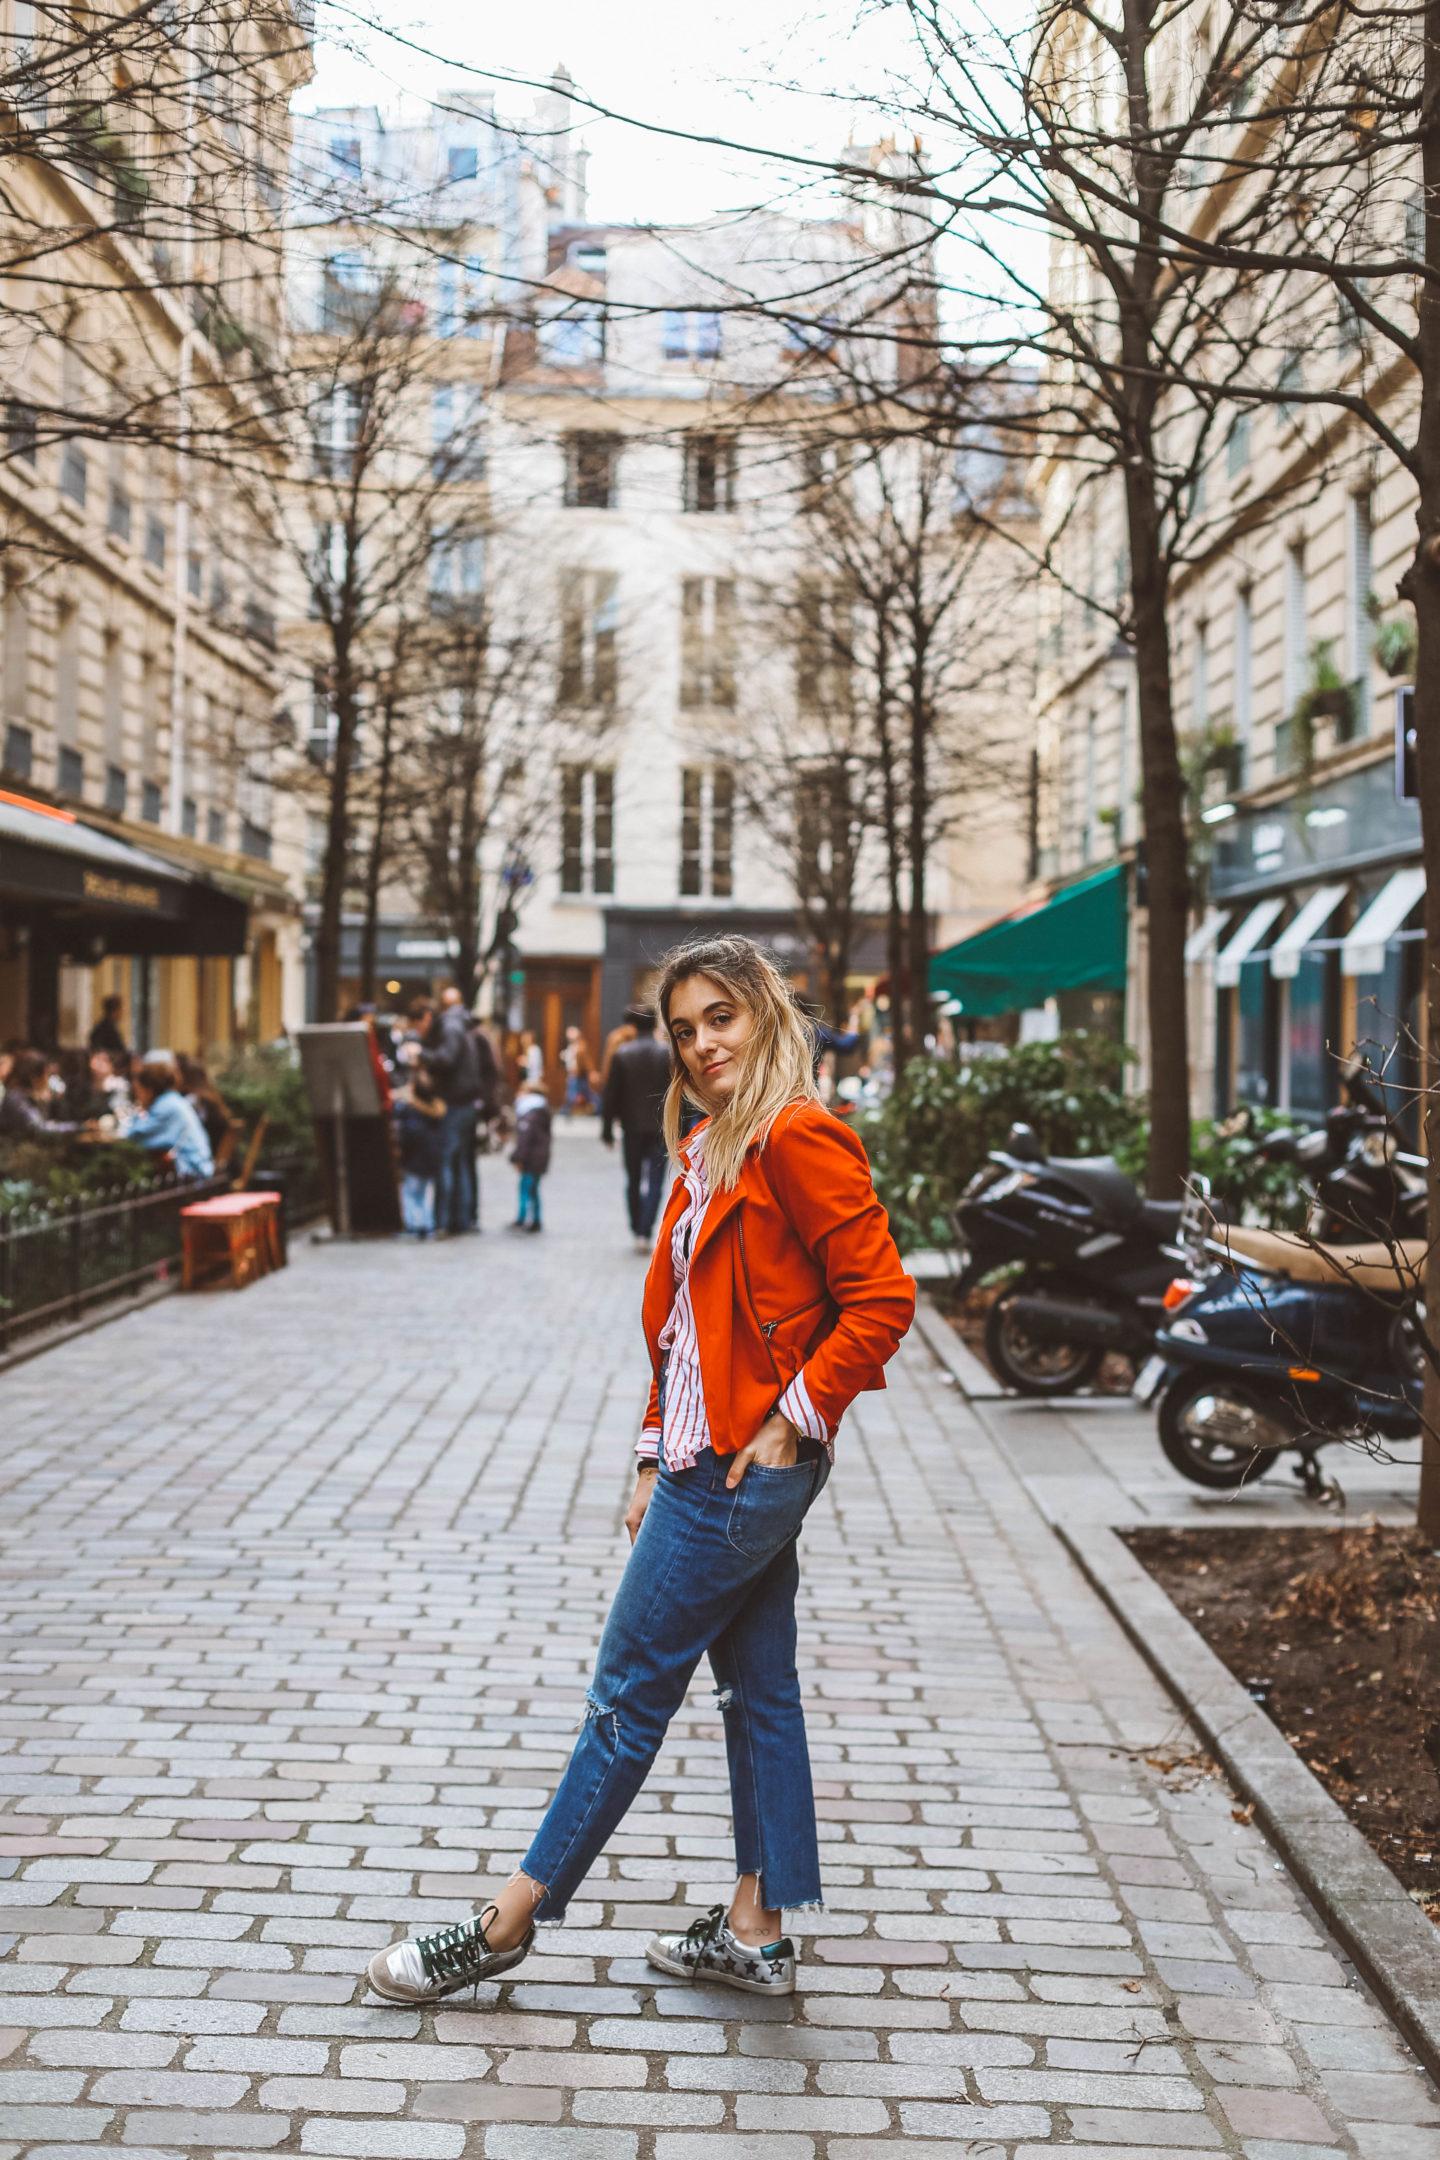 Visiter Paris Le Marais - Blondie Baby blog mode et voyages